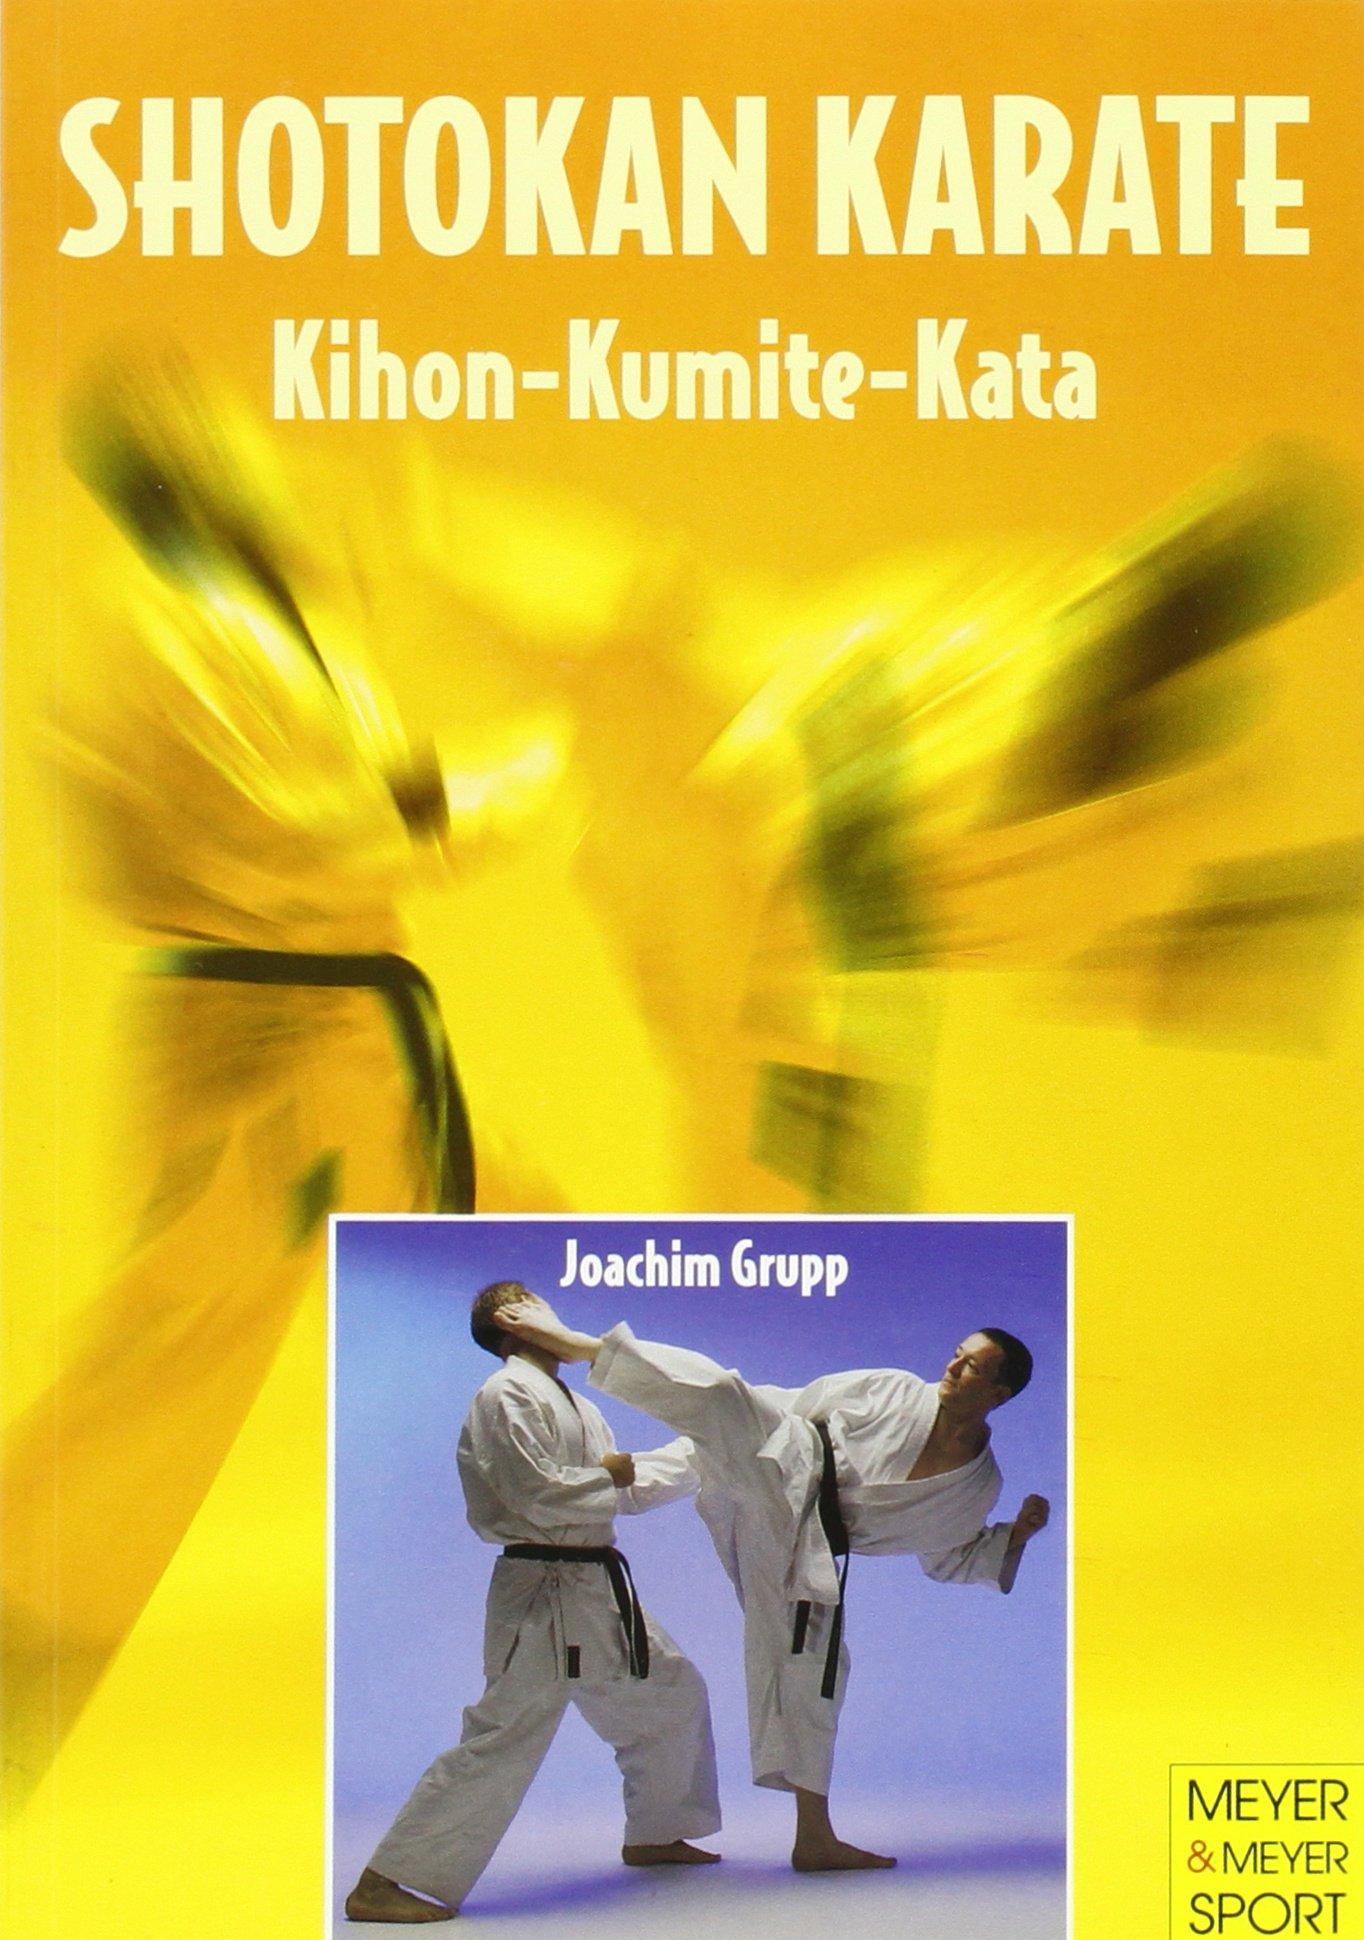 Shotokan Karate  Khon Kumite Kata  Kihon Kumite Kata